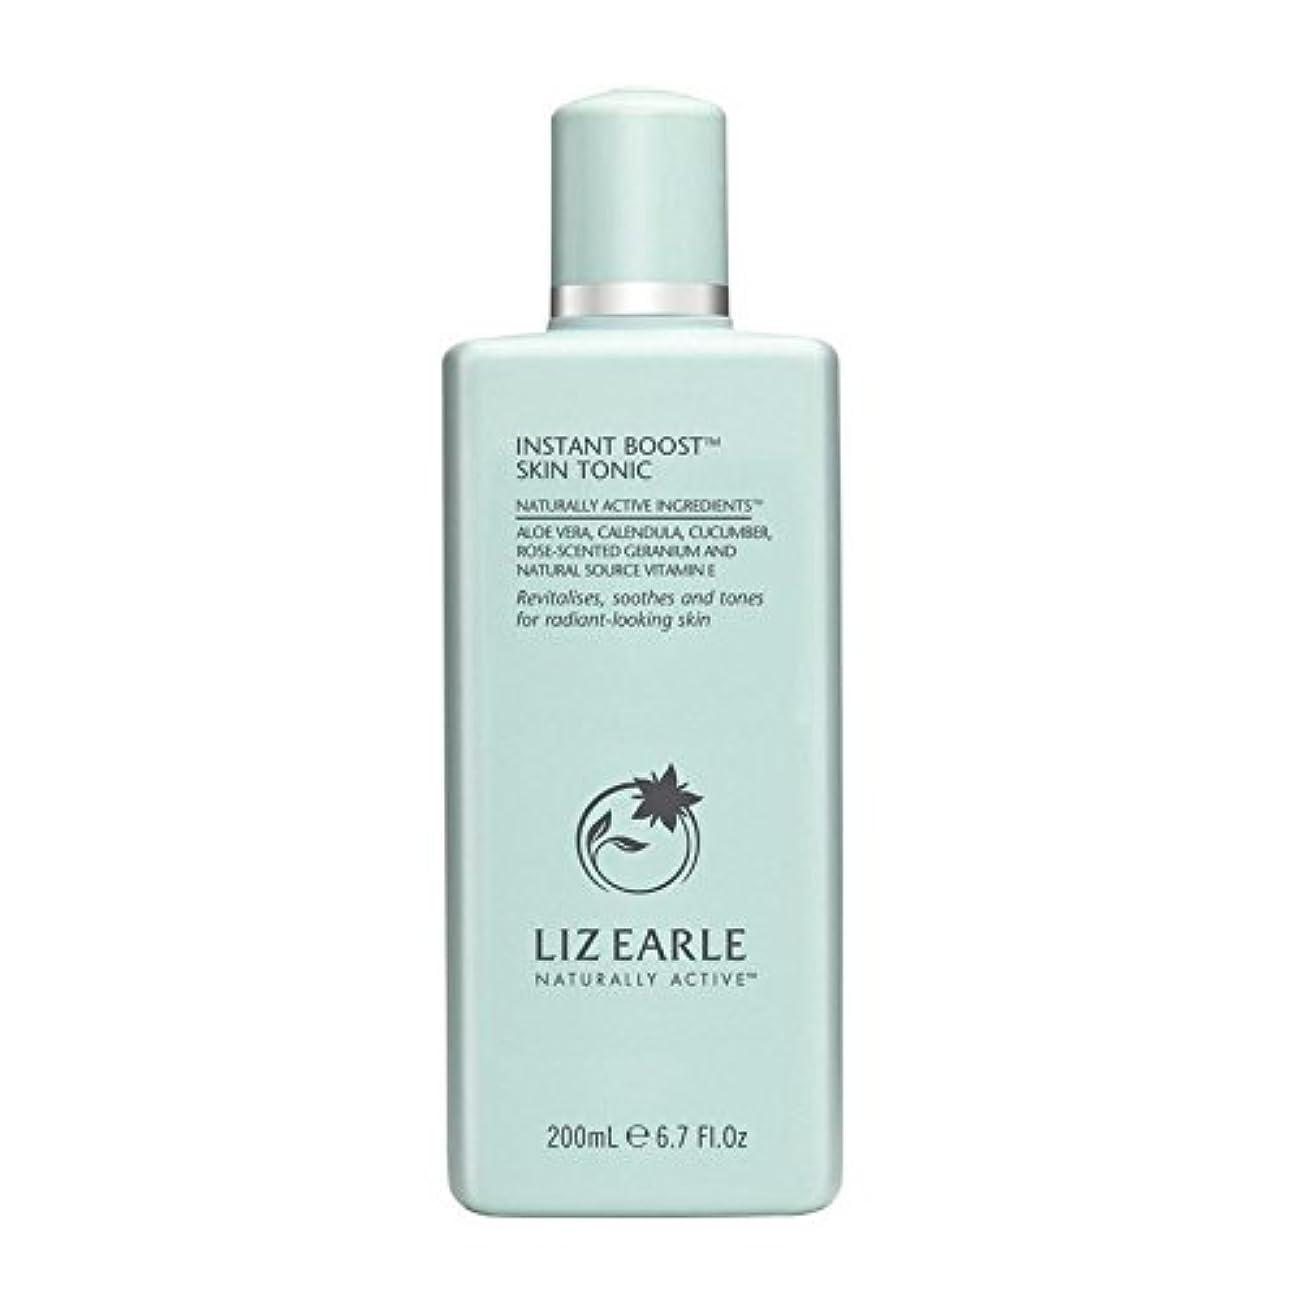 含めるスクリュー起点リズアールインスタントブーストスキントニックボトル200ミリリットル x2 - Liz Earle Instant Boost Skin Tonic Bottle 200ml (Pack of 2) [並行輸入品]